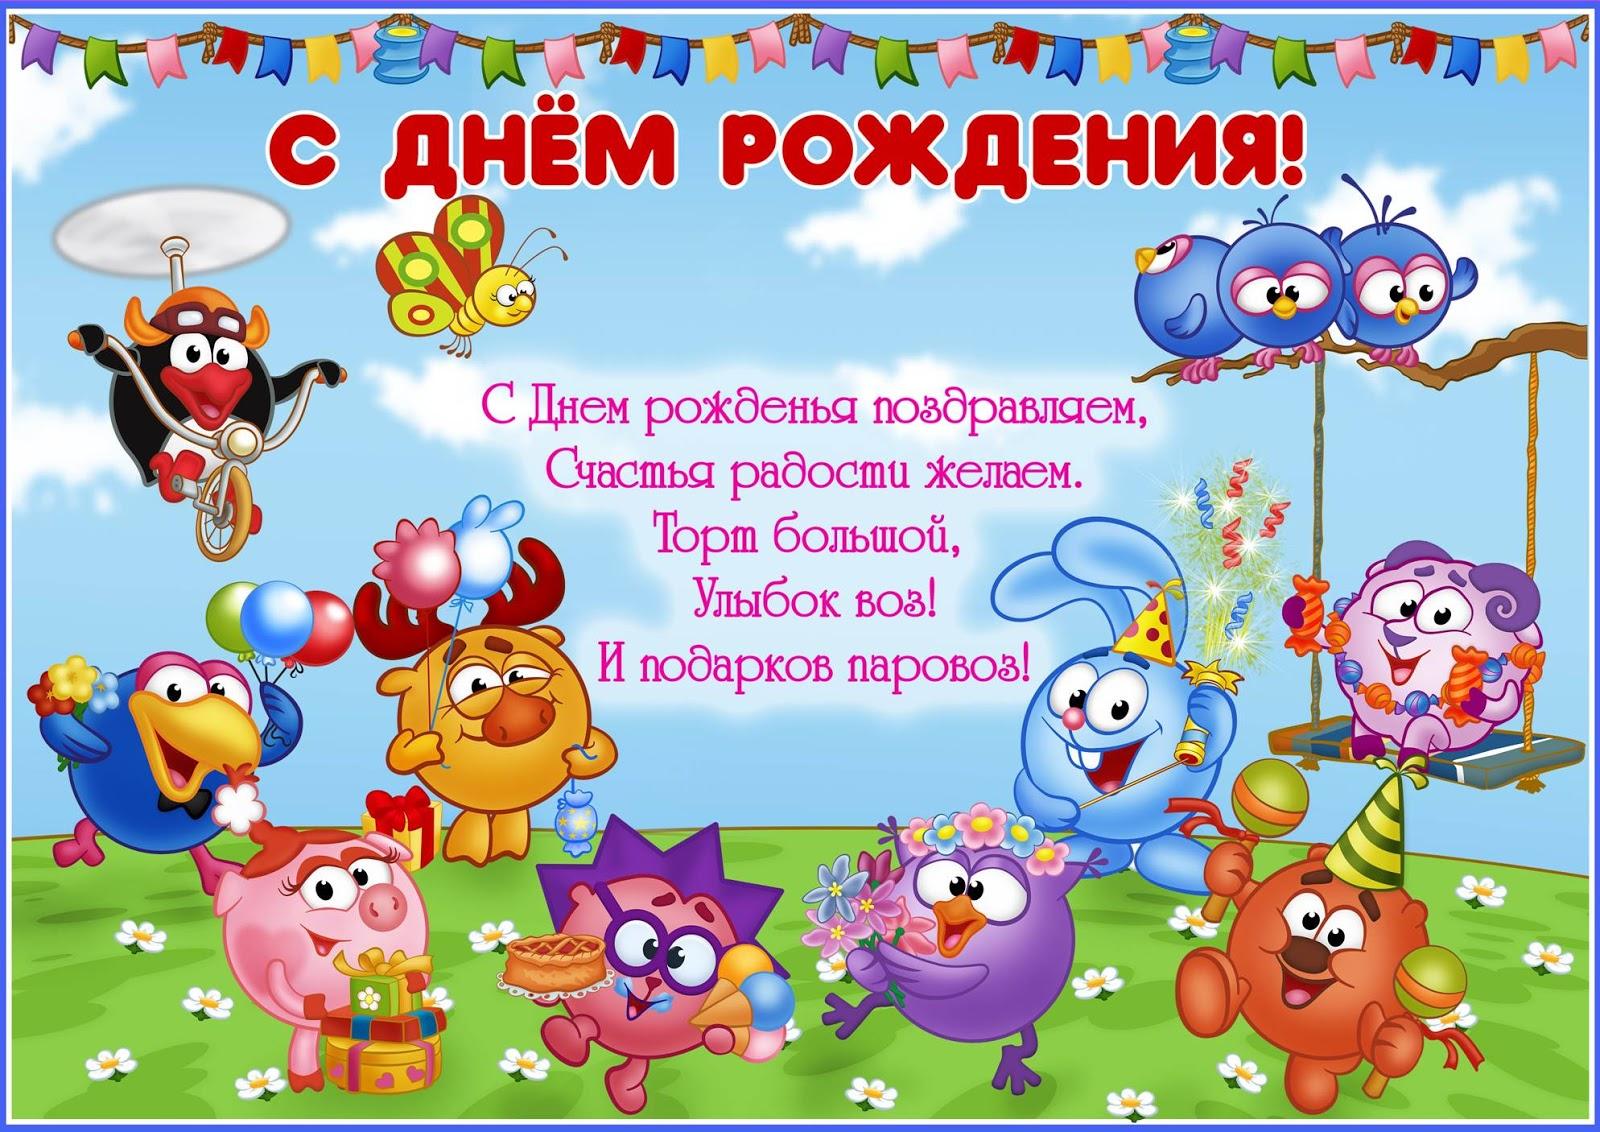 Поздравления с днем рождения друзьям детства